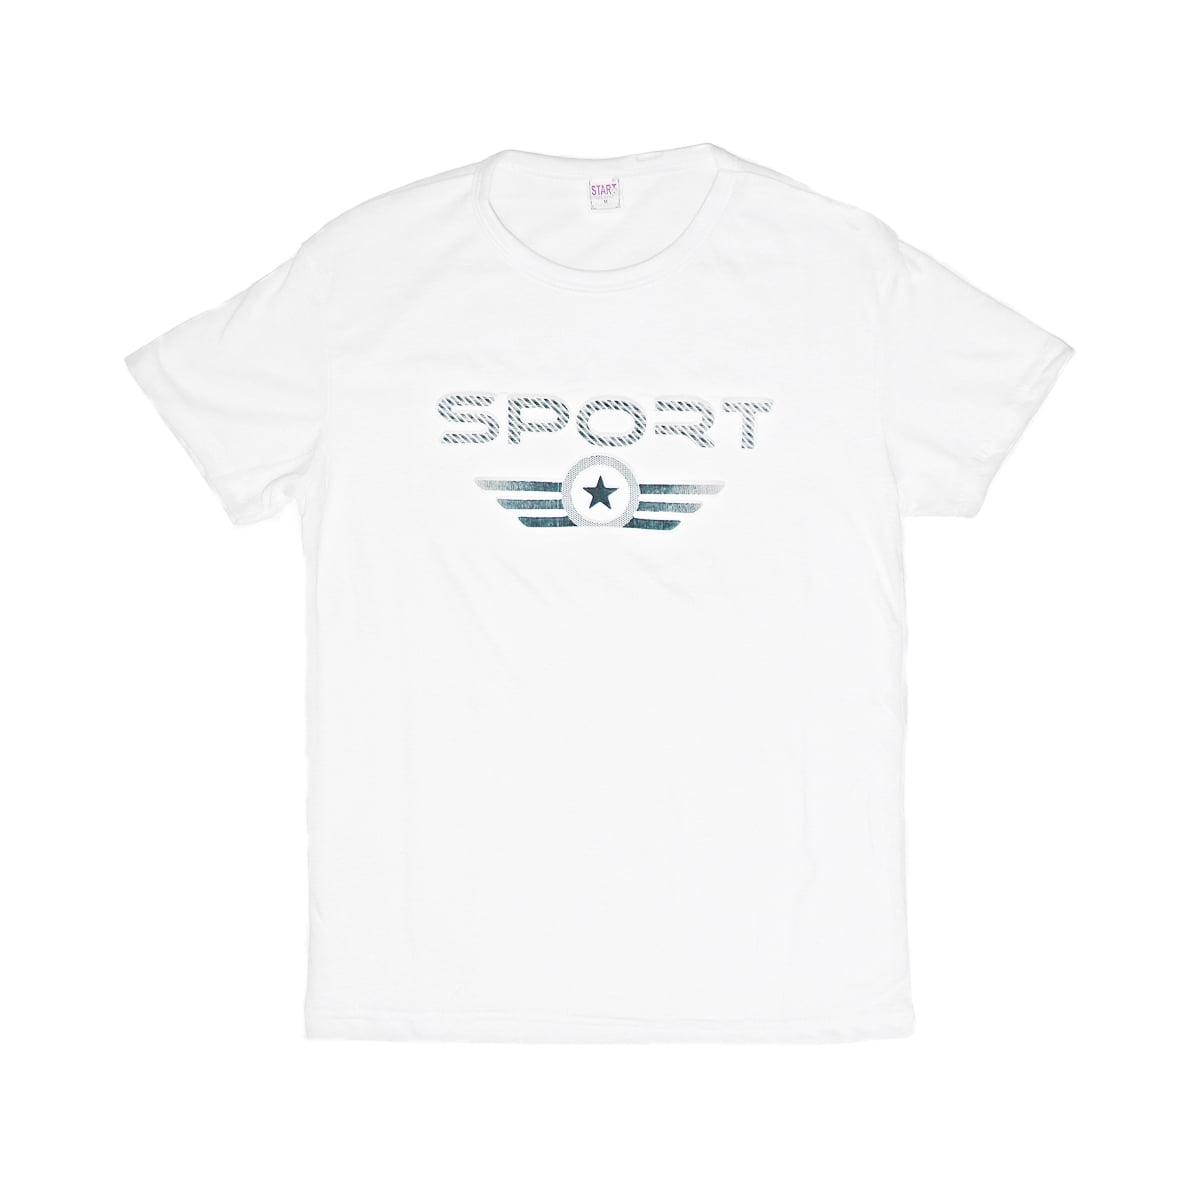 Sport,Tricou barbatesc din bumbac 100% alb cu imprimeu in relief sport 040